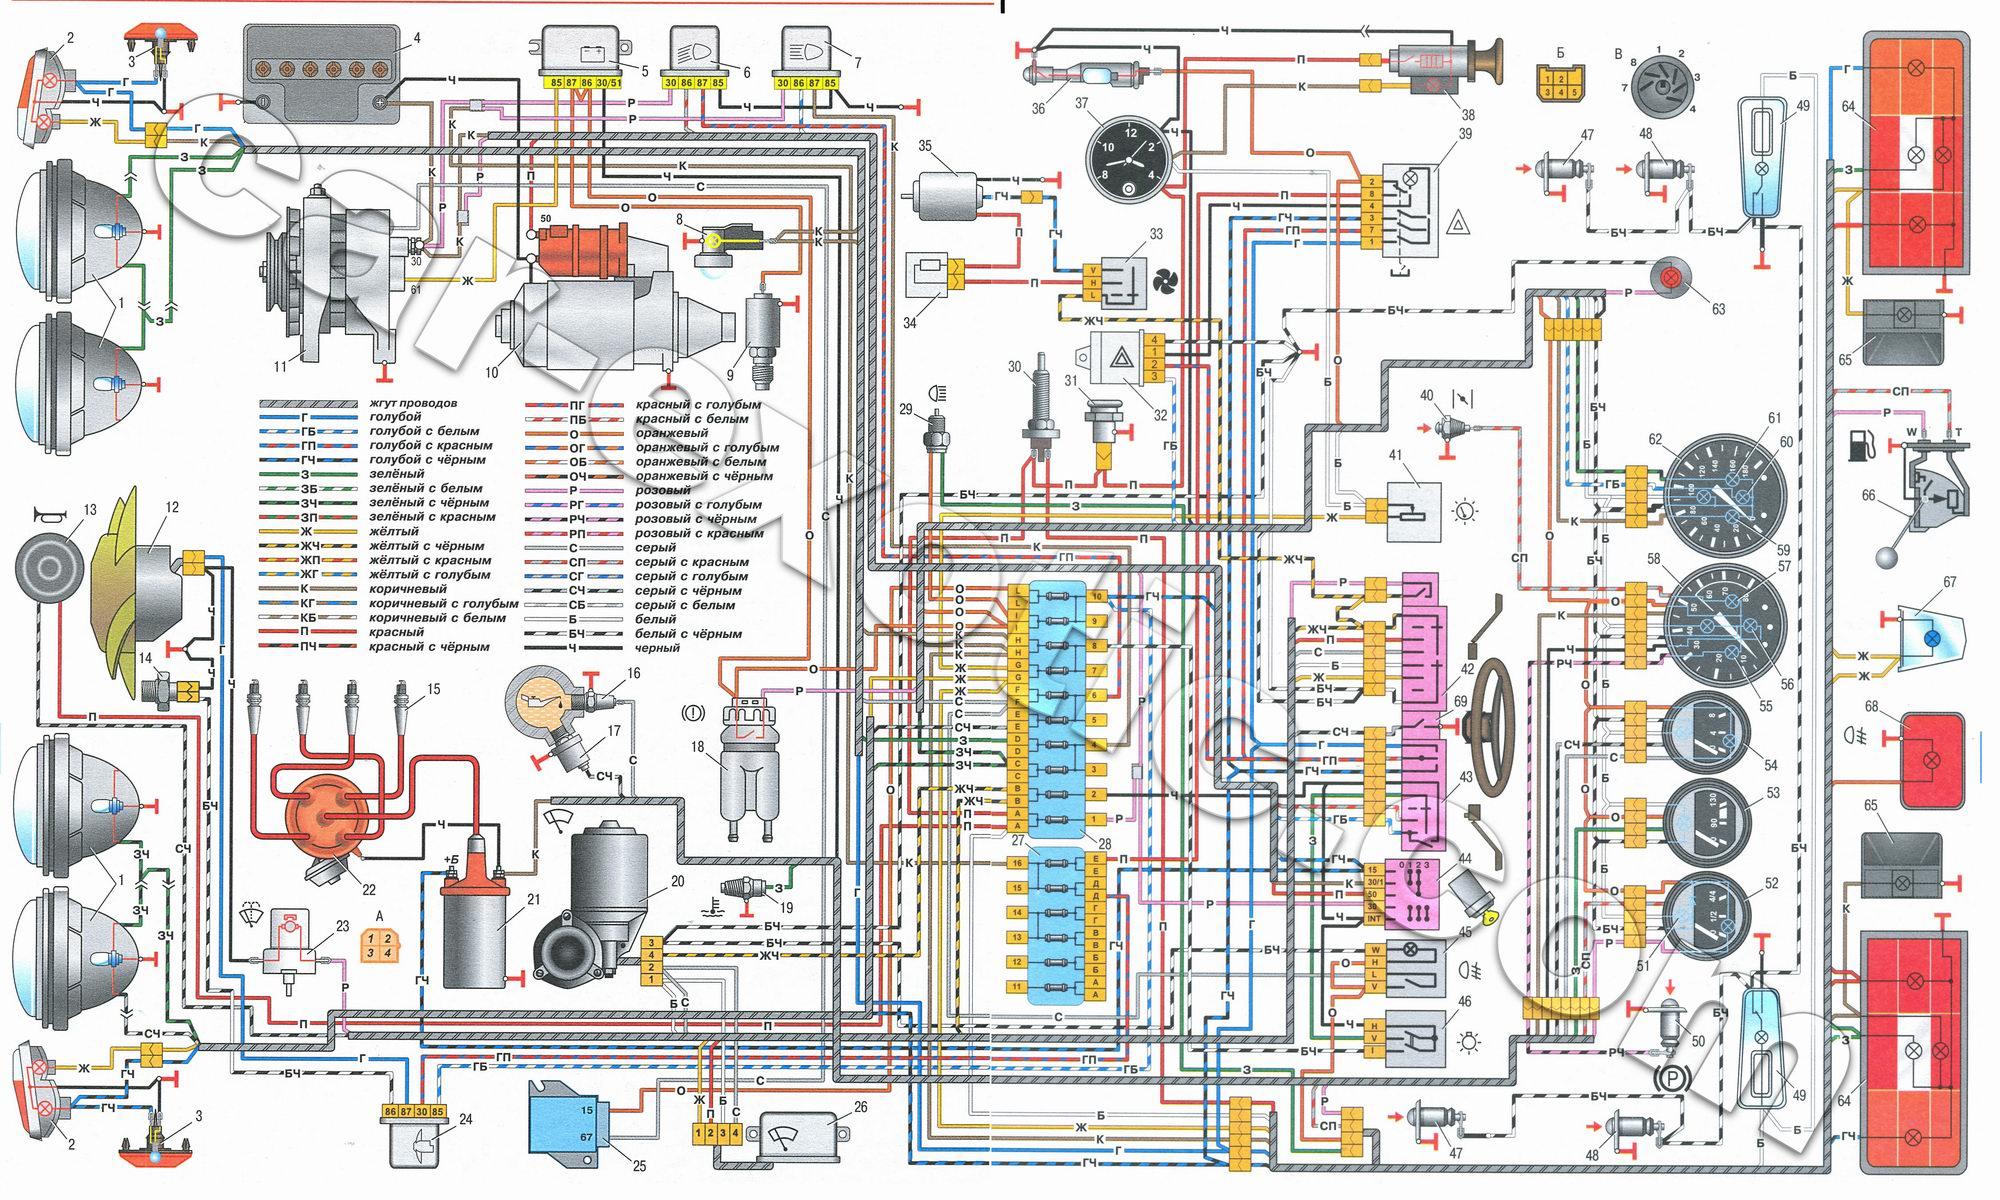 Схема электрооборудования автомобилей ВАЗ-2106, ВАЗ-21061, ВАЗ-21065: 1 - фары; 2 - подфарники; 3 - боковые указатели...